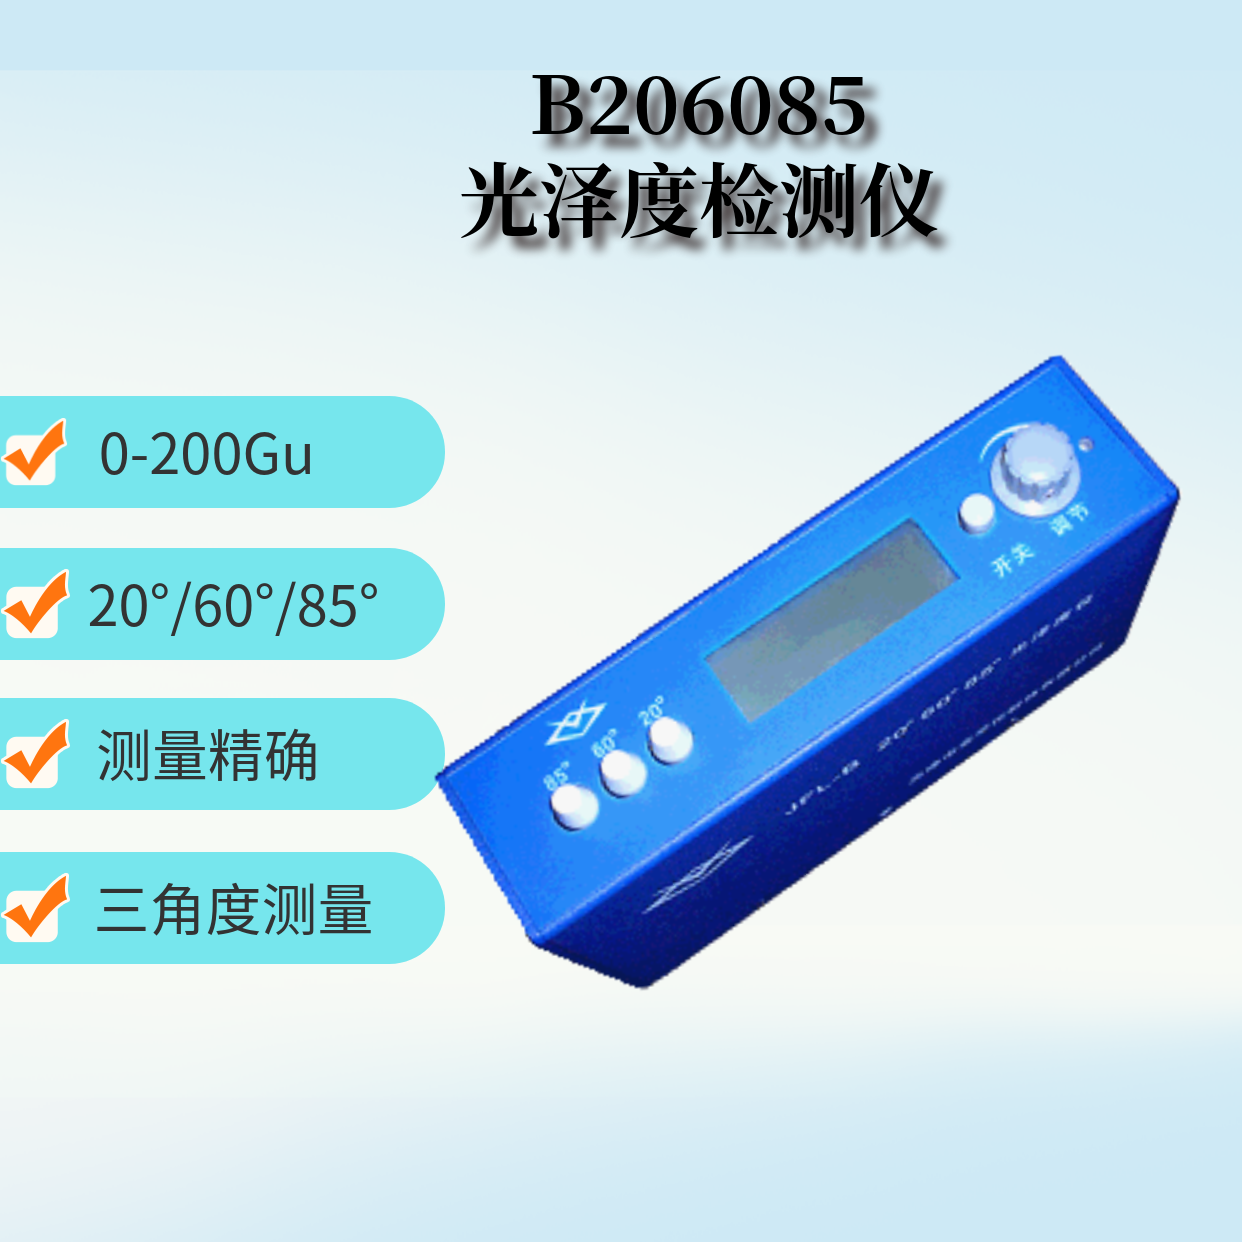 三角度光泽度检测仪 B206085